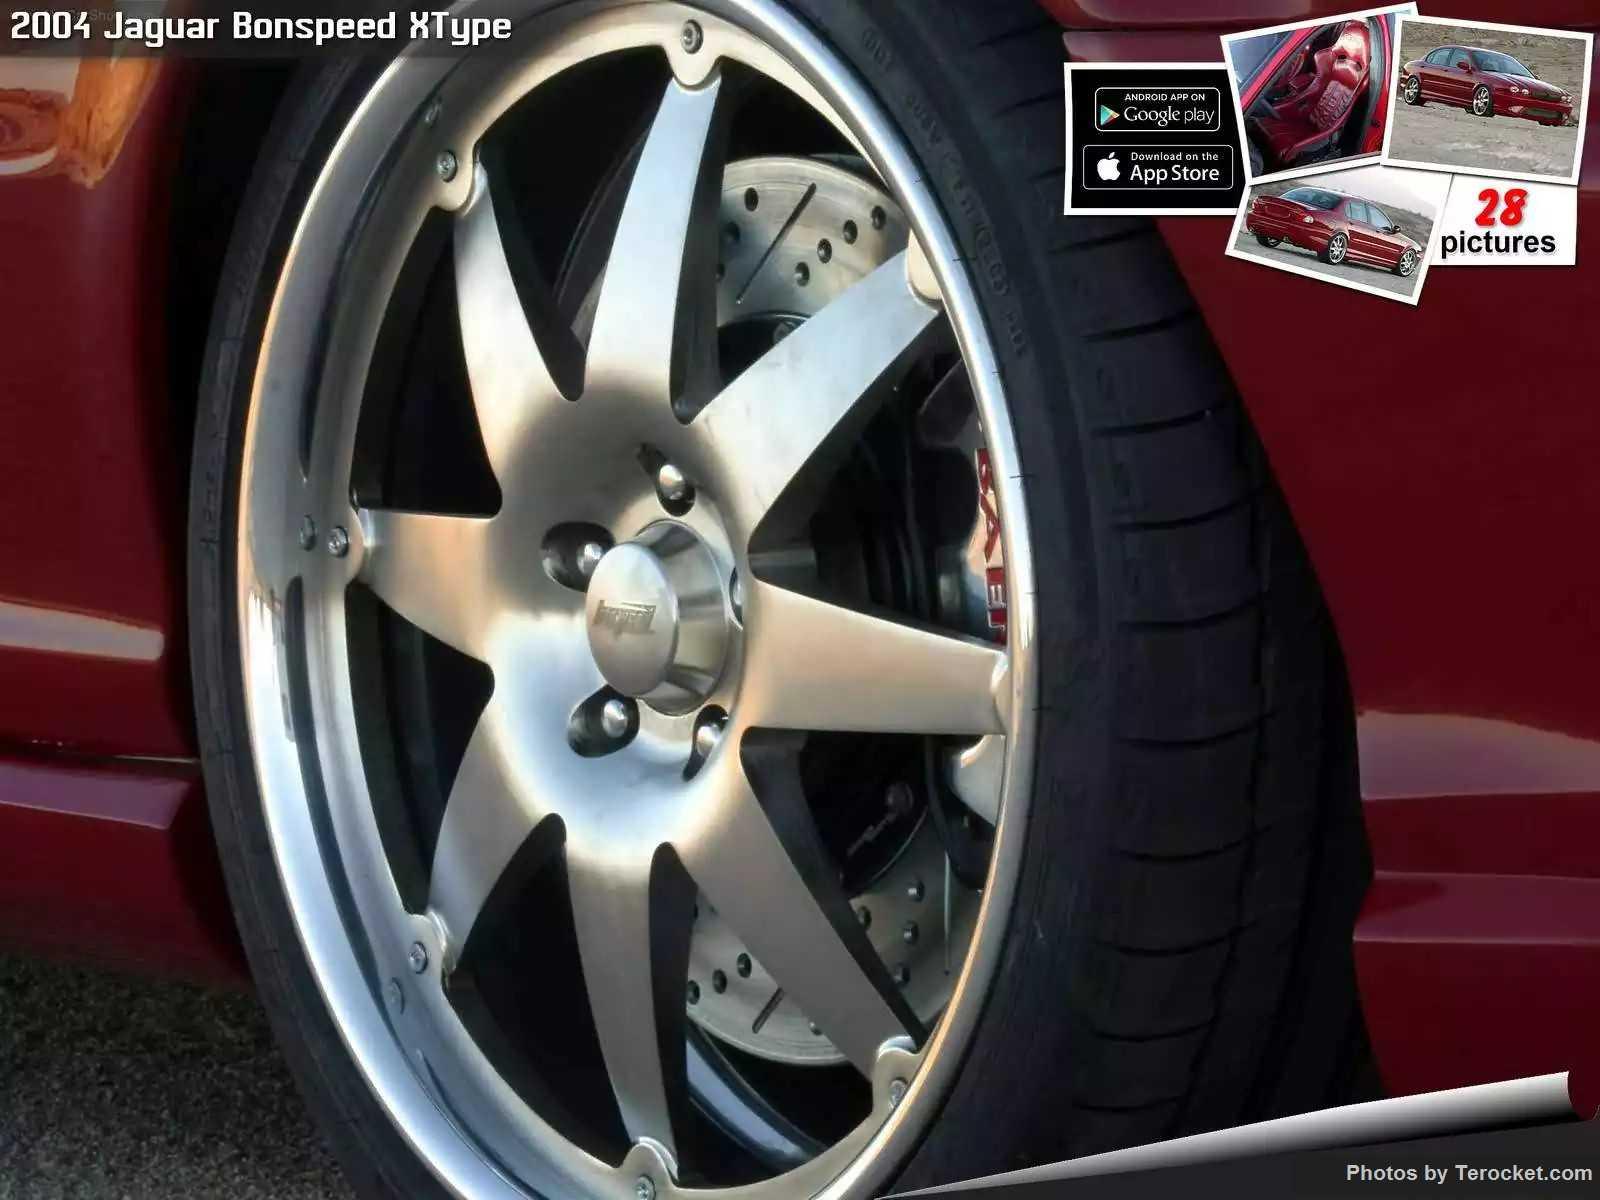 Hình ảnh xe ô tô Jaguar Bonspeed XType 2004 & nội ngoại thất